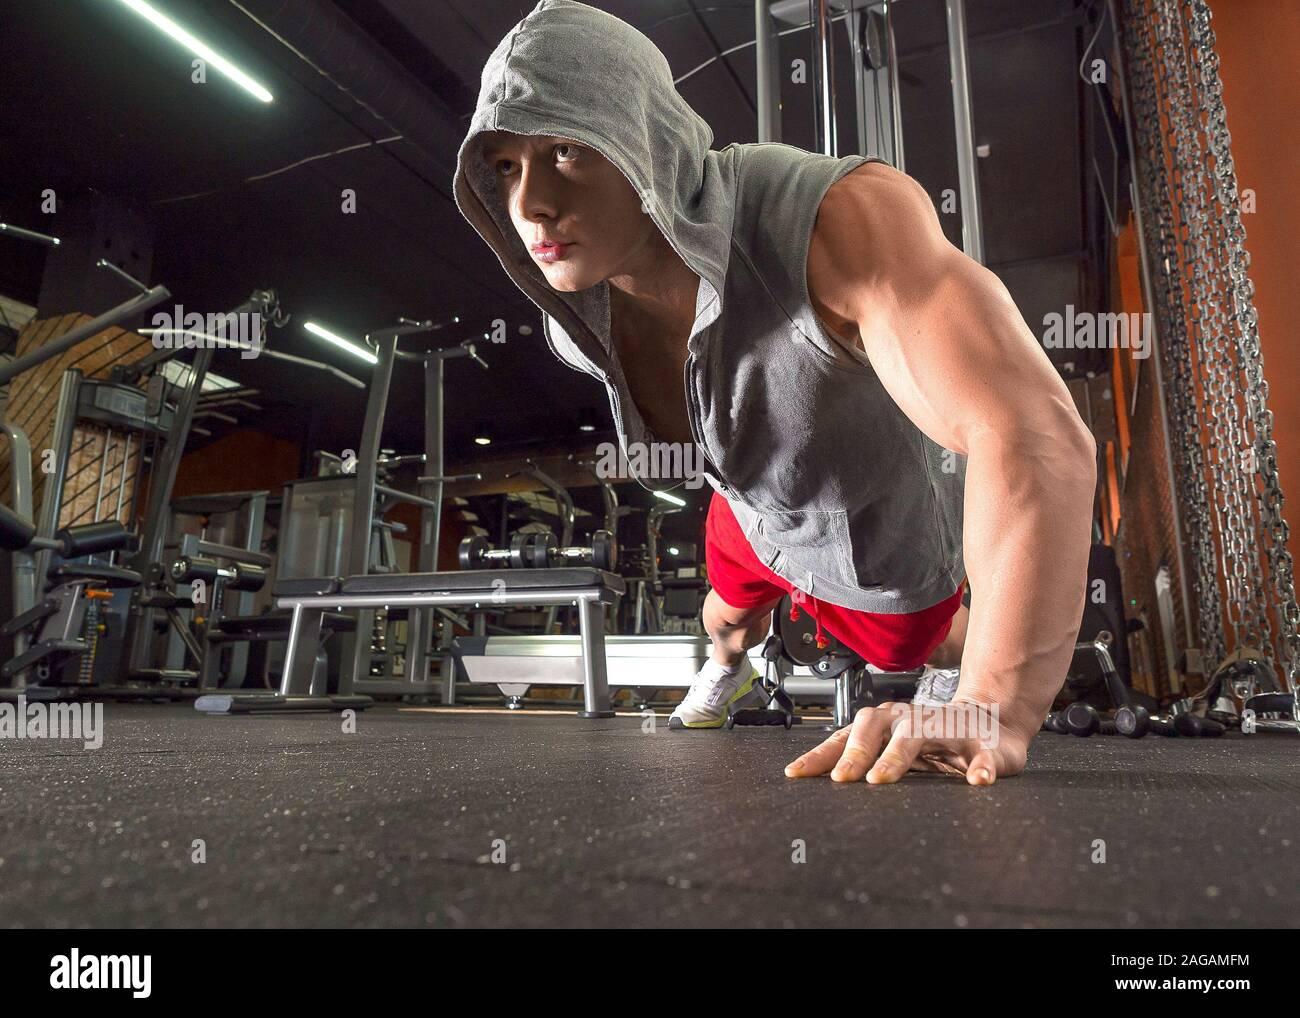 Junge sportliche Mann tun Push-ups Übung mit einer Hand in Fitness Gym. Gesunder Lebensstil Konzept Stockfoto